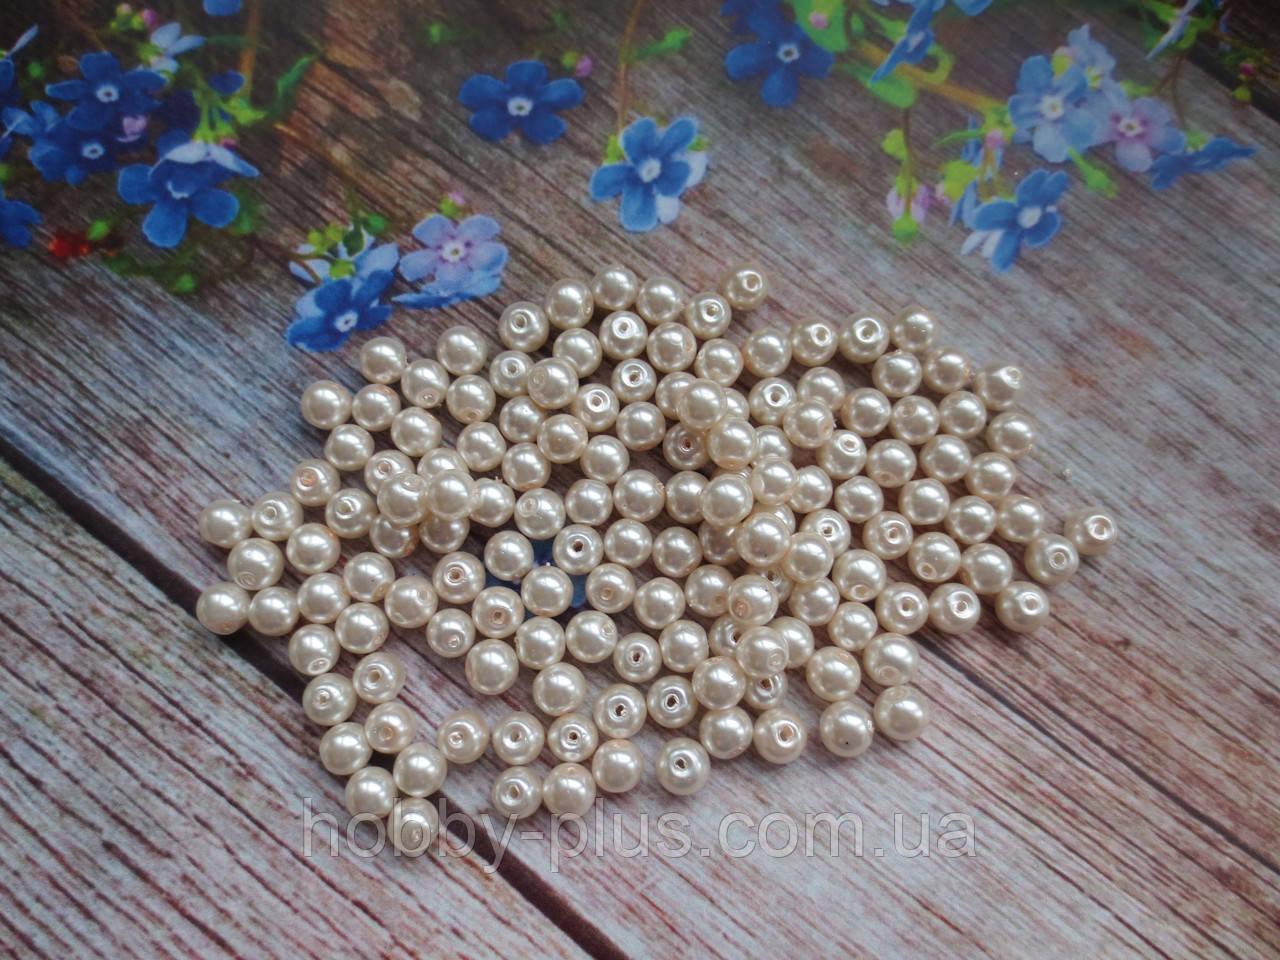 Намистини склокераміка, d 6 мм, (~145 шт), колір світлий персик